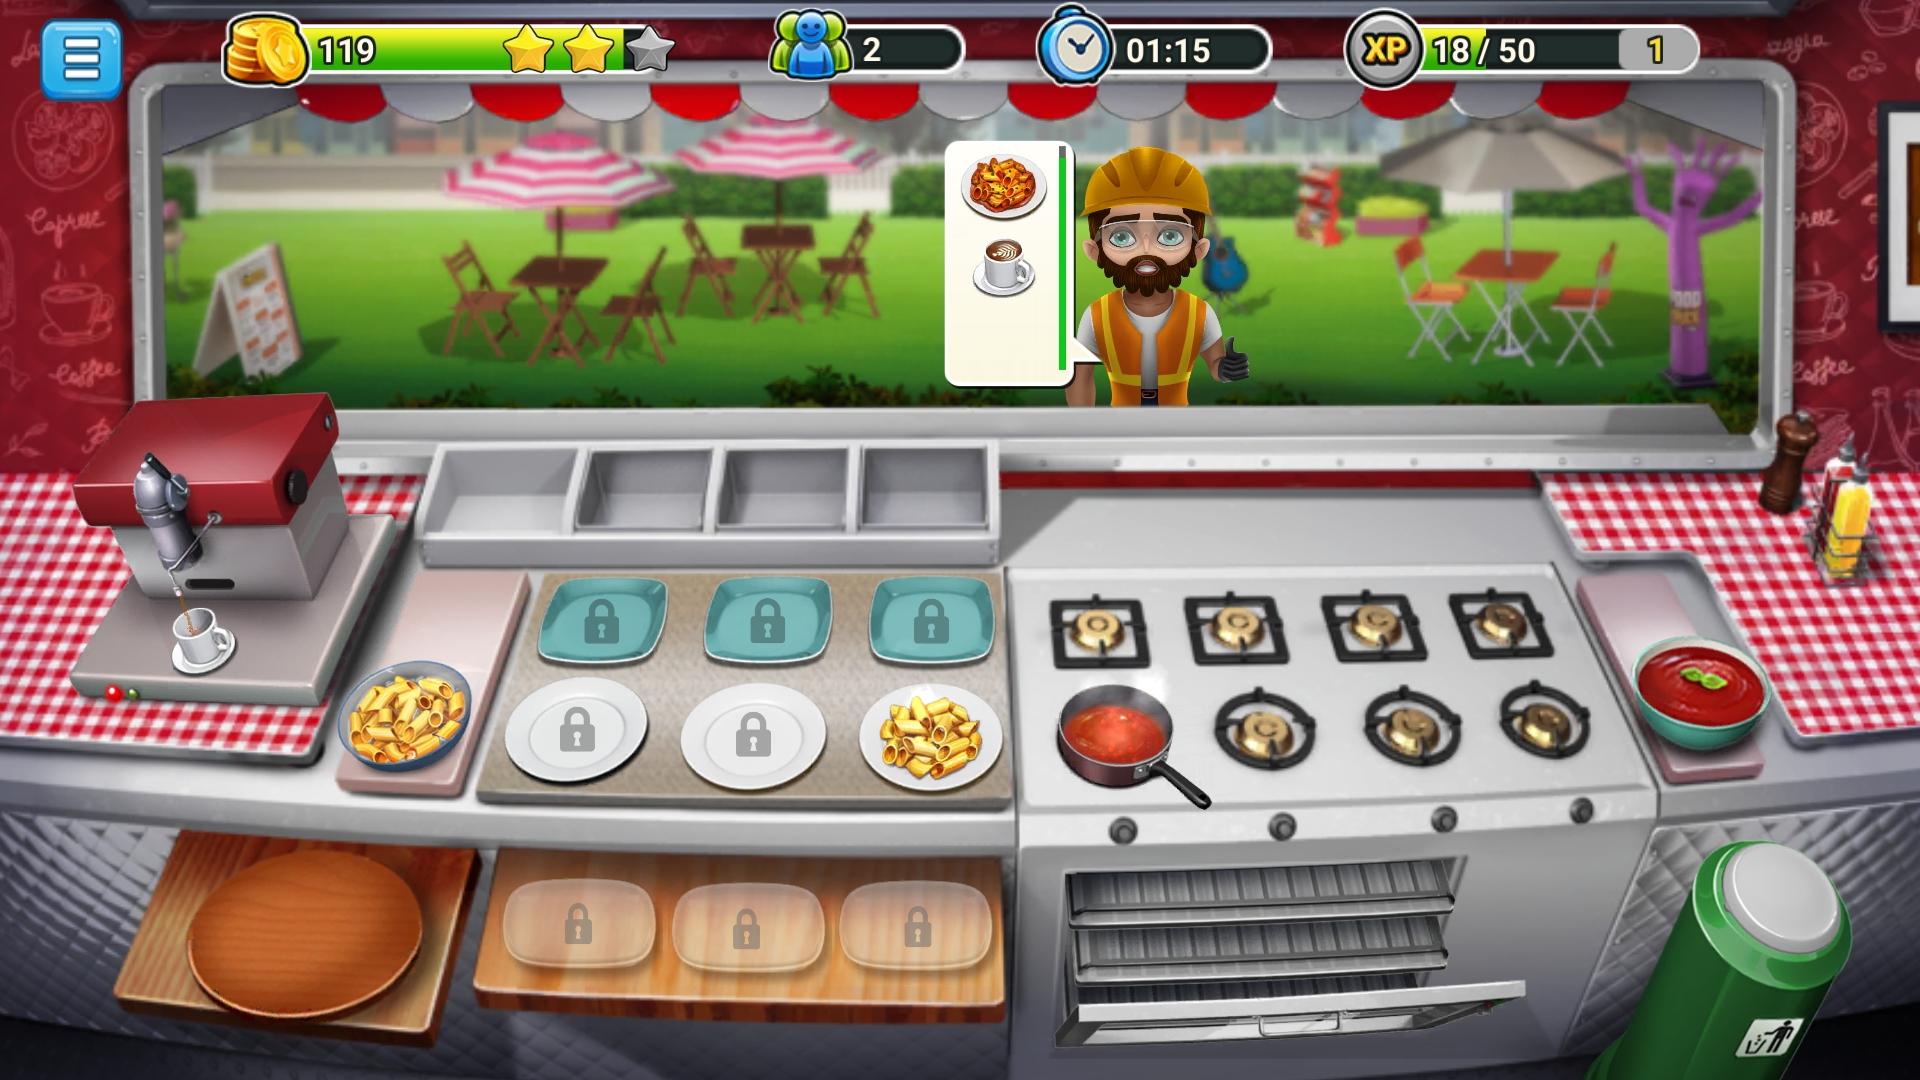 餐车厨师:烹饪V1.3.5 破解版